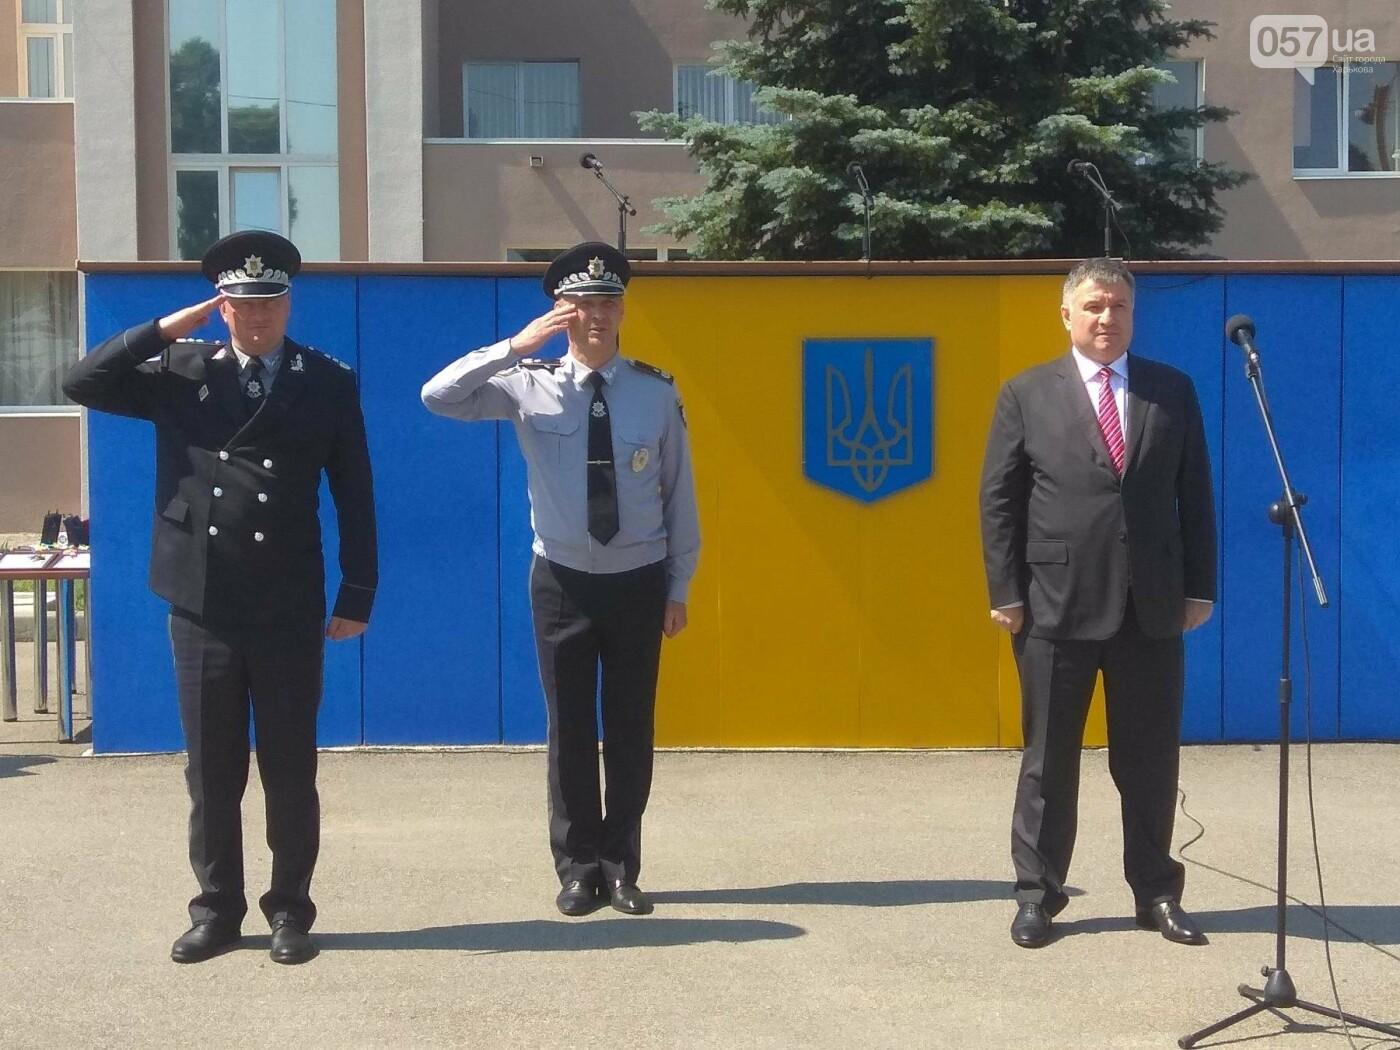 Аваков в Харькове. Украинские участковые получили новые автомобили, - ФОТО, фото-1